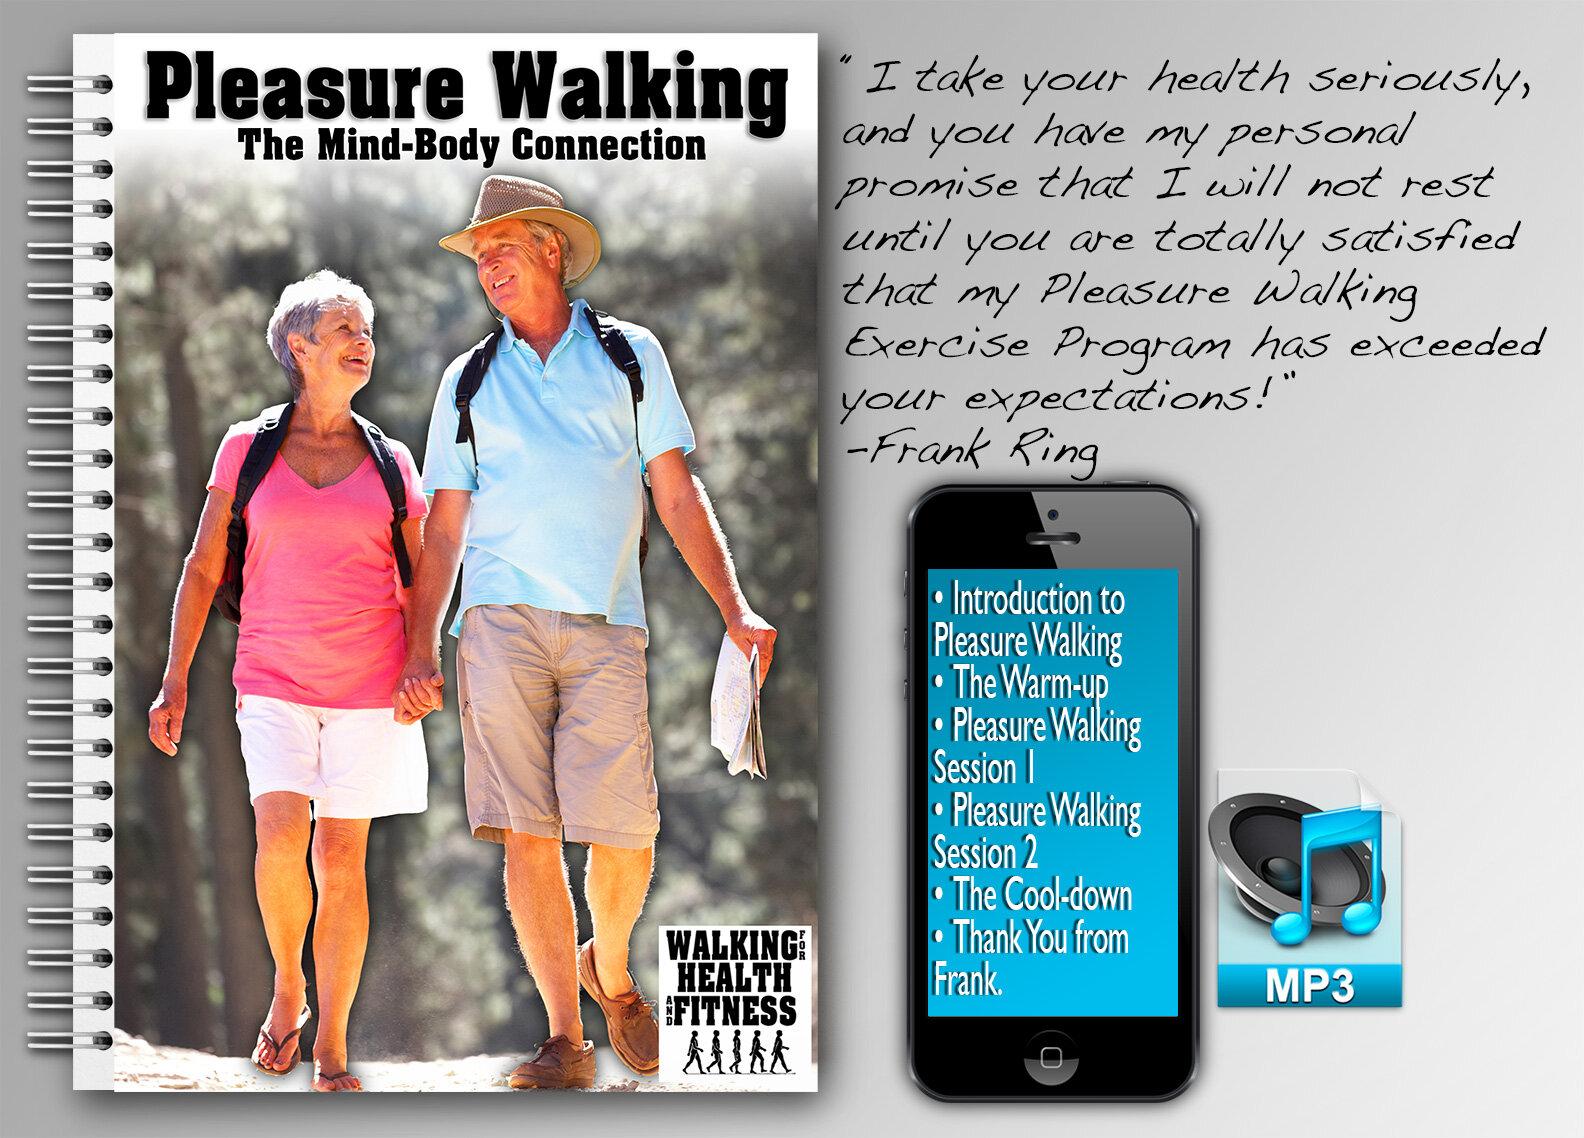 pleasure-walking-exercise-program-spiral-mp3-logo.jpg